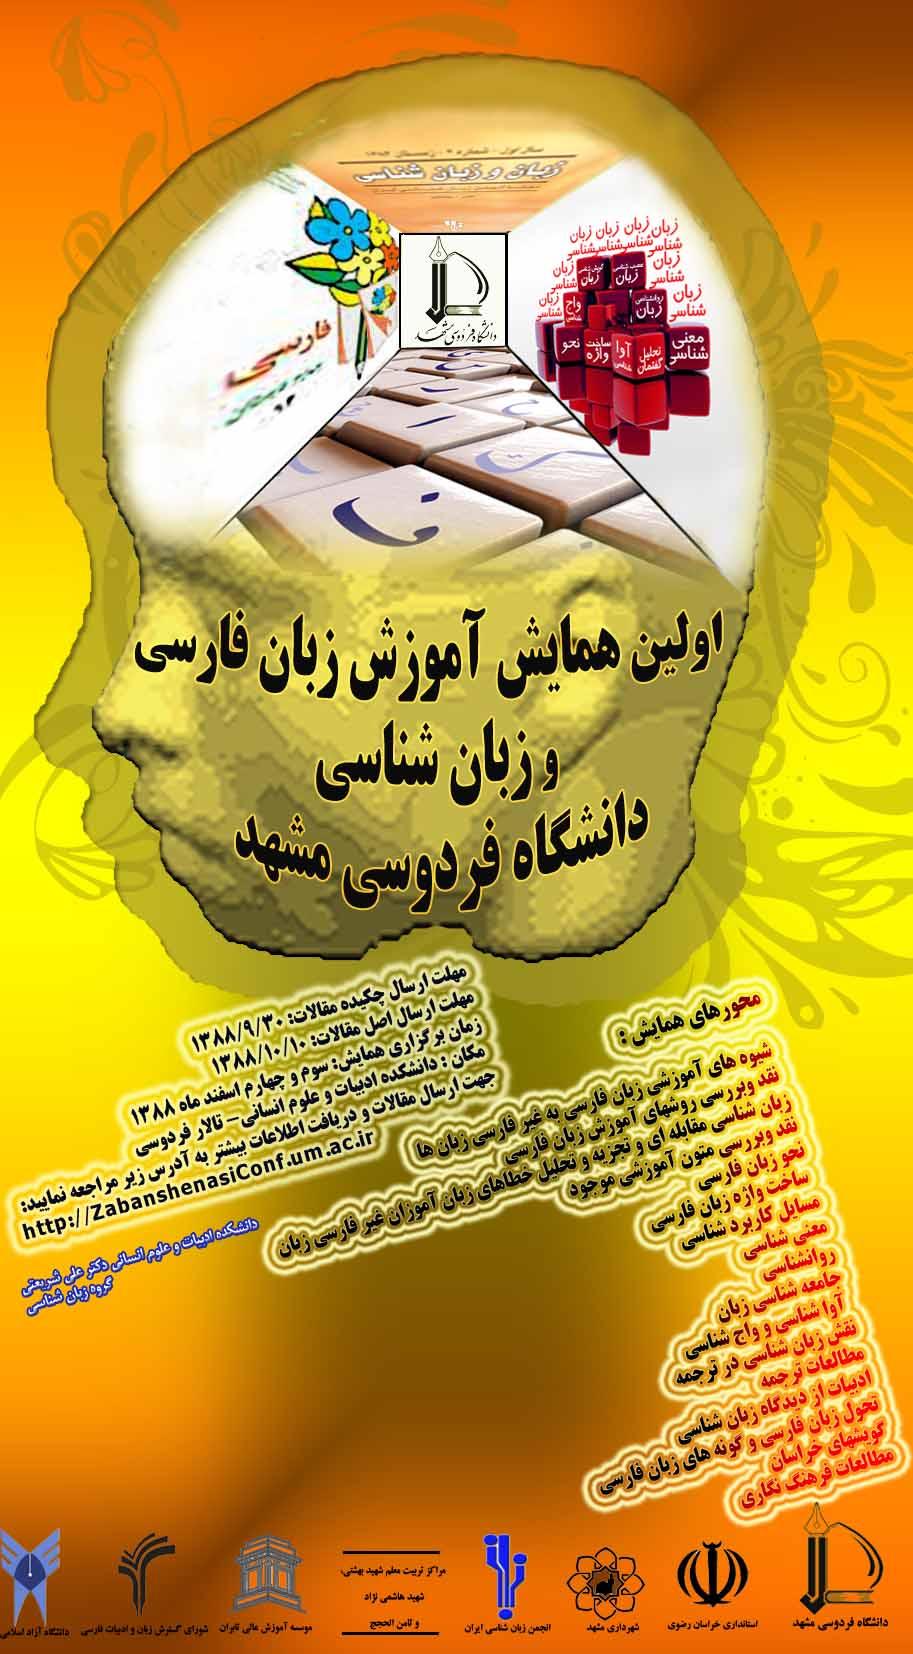 اولين همايش آموزش زبان فارسي و زبان شناسي دانشگاه فردوسي مشهد